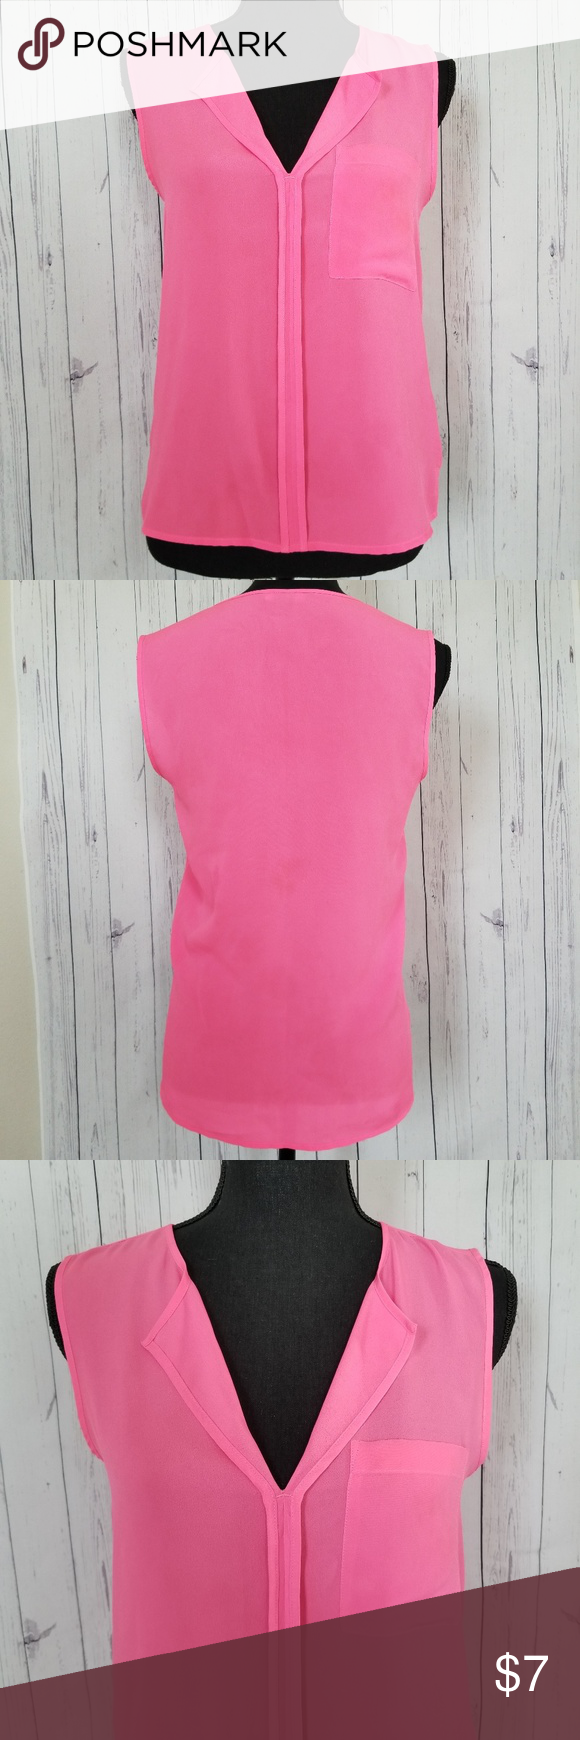 Pink dress emoji   HuM US PINK Chiffon Fabric Blouse  My Posh Closet  Pinterest